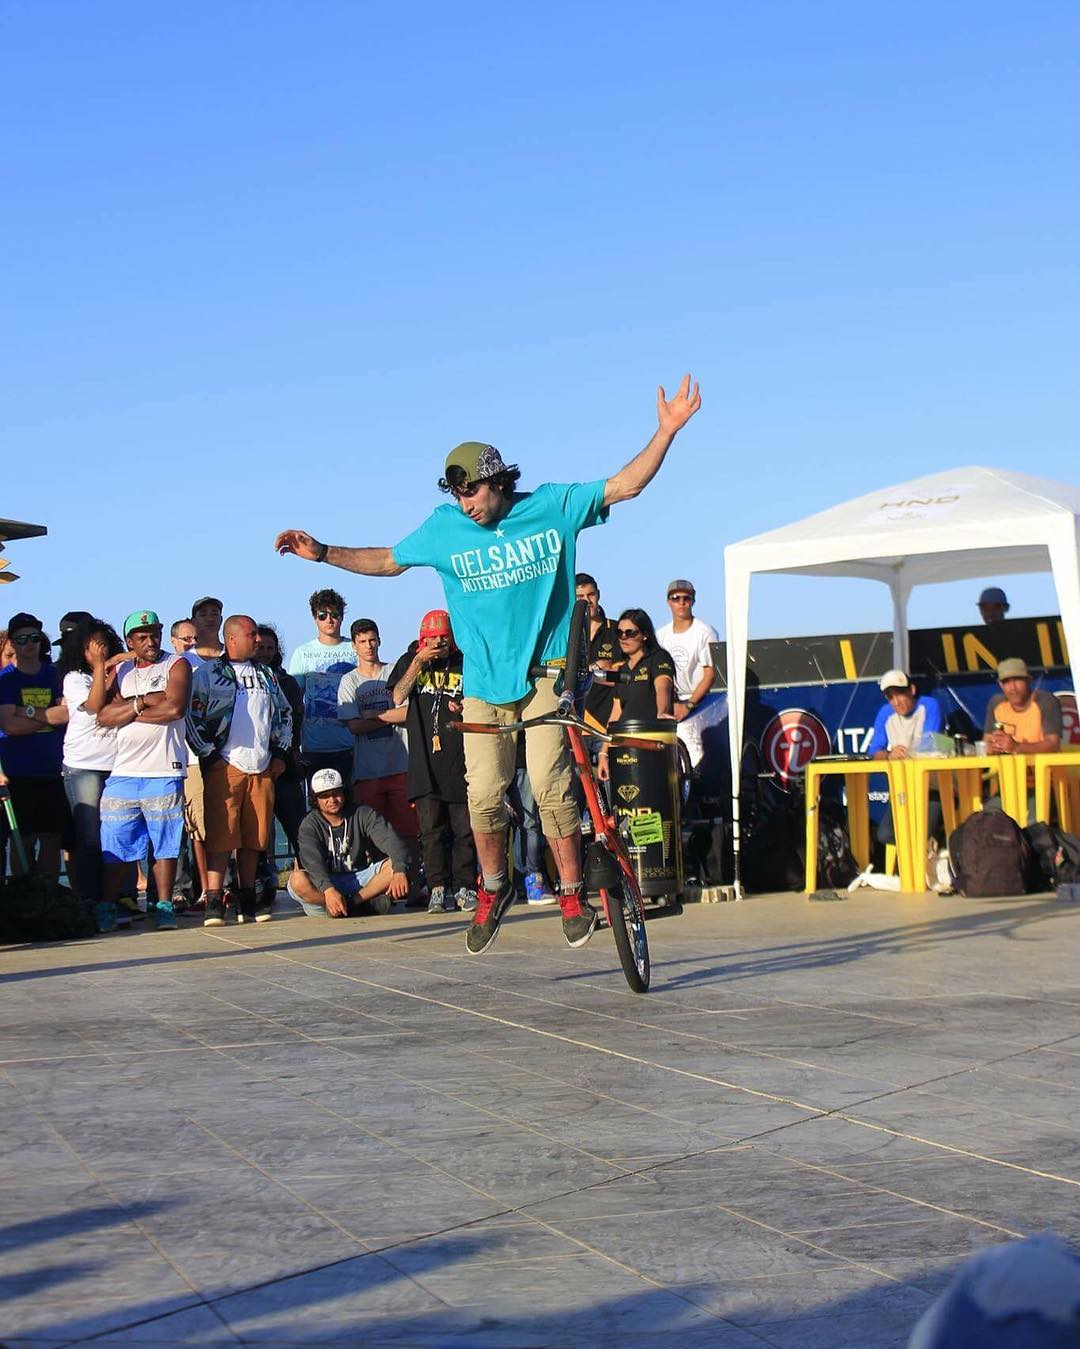 Queremos felicitar a nuestro correror @owenbohn_  que clasifico entre los 10 mejores junto a exponentes mundiales  en el famoso overground series 3 estapa del circuito mundial  @delsanto_  @delsantoteam @delsantofamily  #bmx #flat #brazil #argentina...